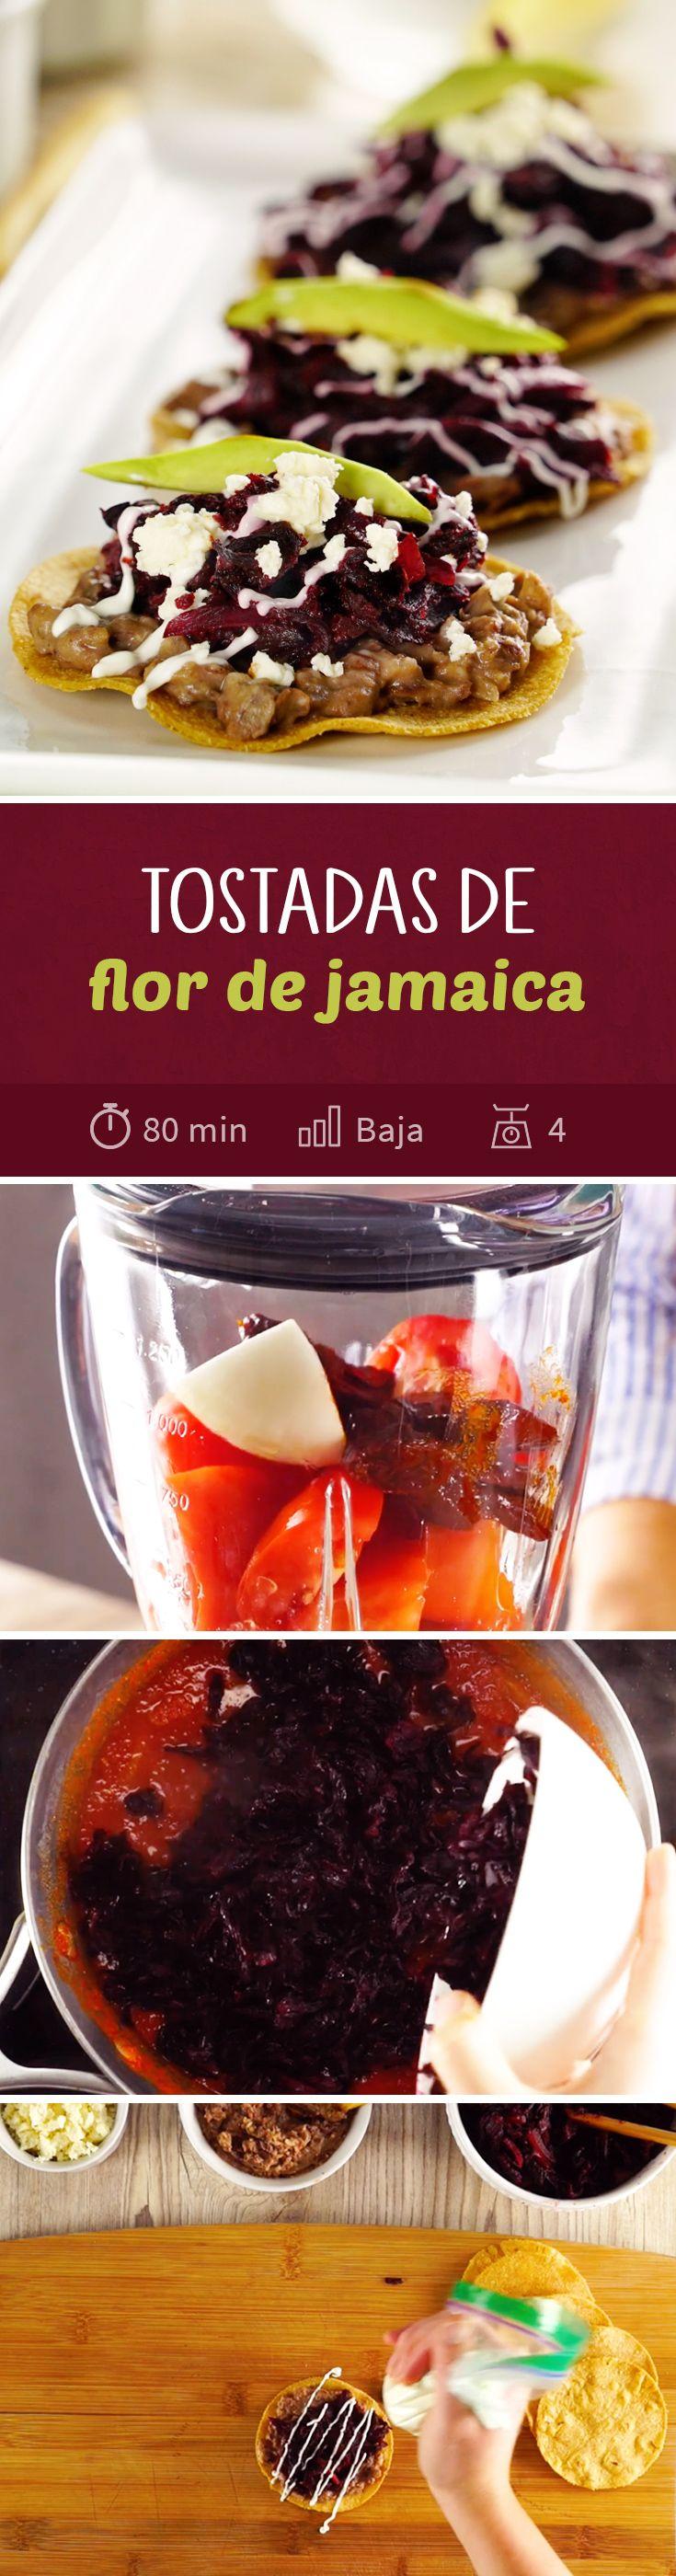 No tires la flor de jamaica que utilizaste para hacer agua de jamaica; utilízala para preparar estas tostadas de flor de jamaica. Una receta vegetariana y sin carne que combina lo mejor de la cocina mexicana casera. Detox Recipes, Home Recipes, Veggie Recipes, Mexican Food Recipes, Snack Recipes, Healthy Recipes, Snacks, Tostadas, Mellow Yellow